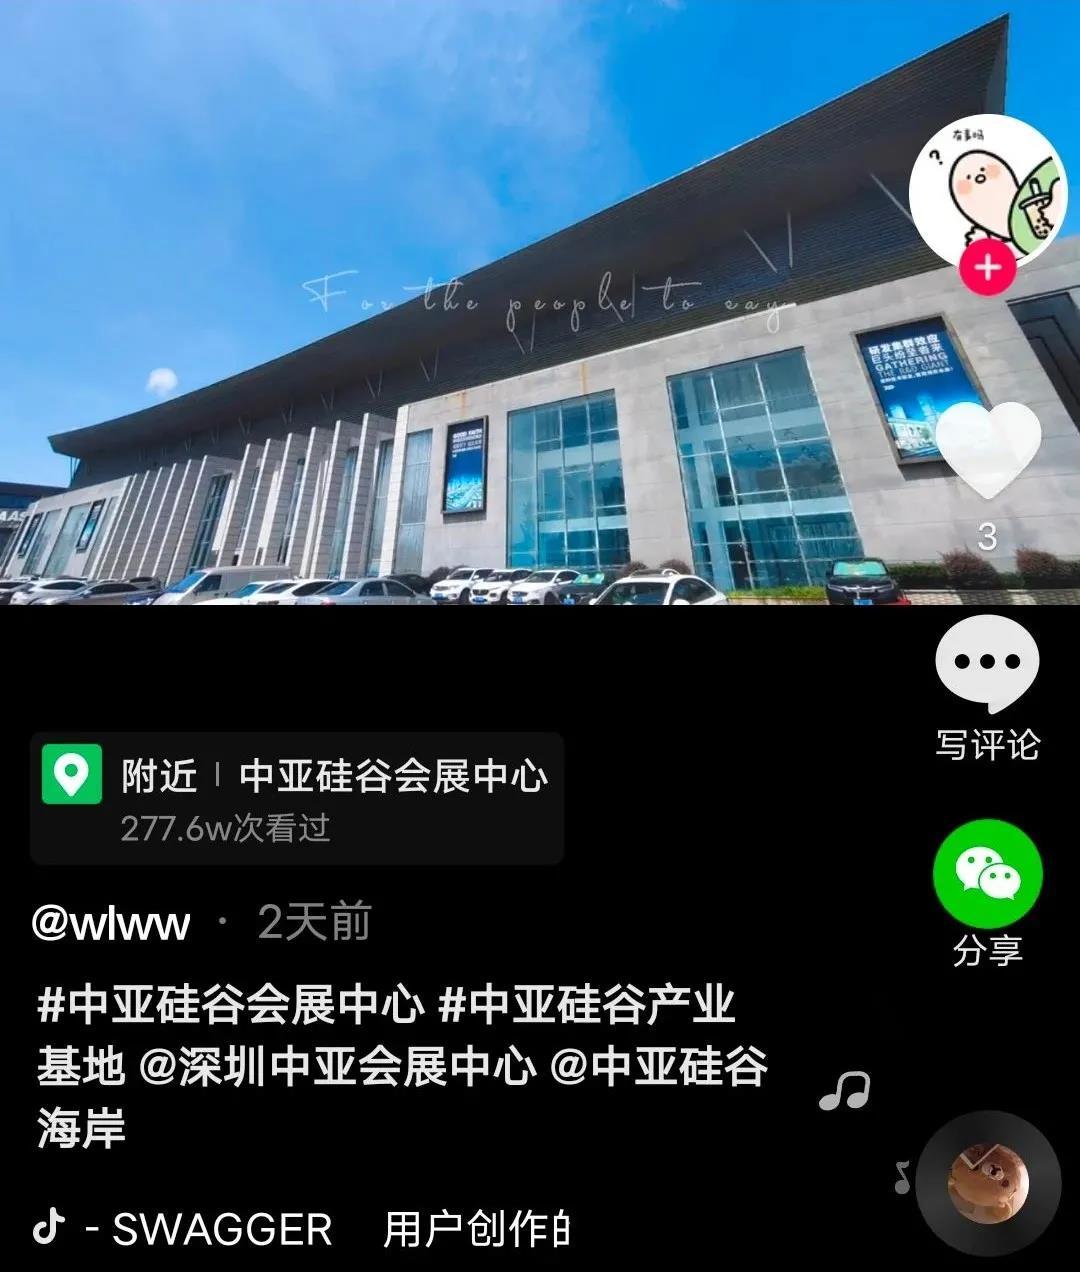 中亚硅谷抖音大赛火热进行中,你和千元现金奖只有15秒的距离!(图4)